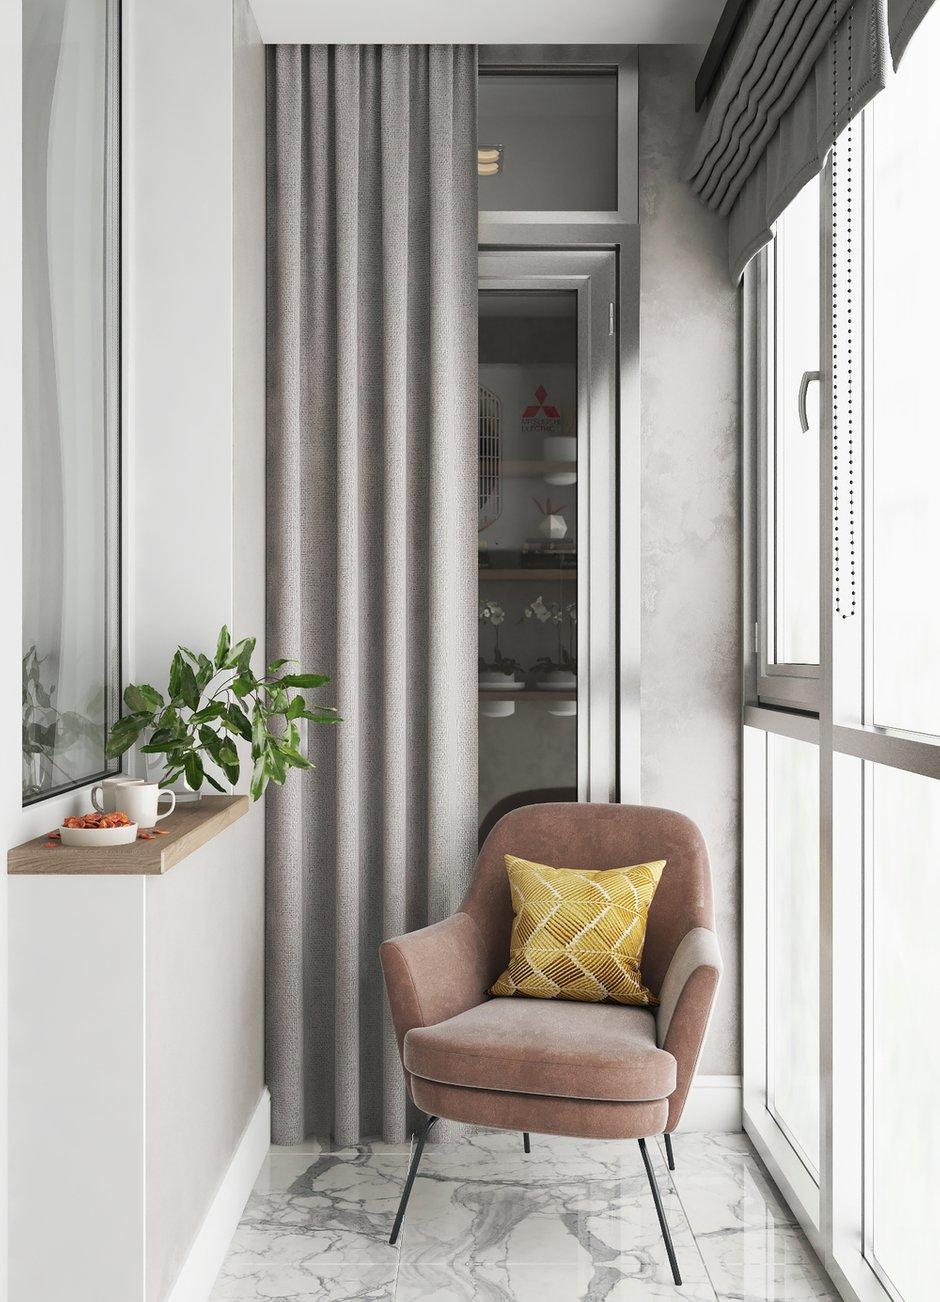 Фотография: Балкон в стиле Современный, Квартира, Проект недели, Санкт-Петербург, 2 комнаты, 40-60 метров, Анастасия Шумова – фото на INMYROOM